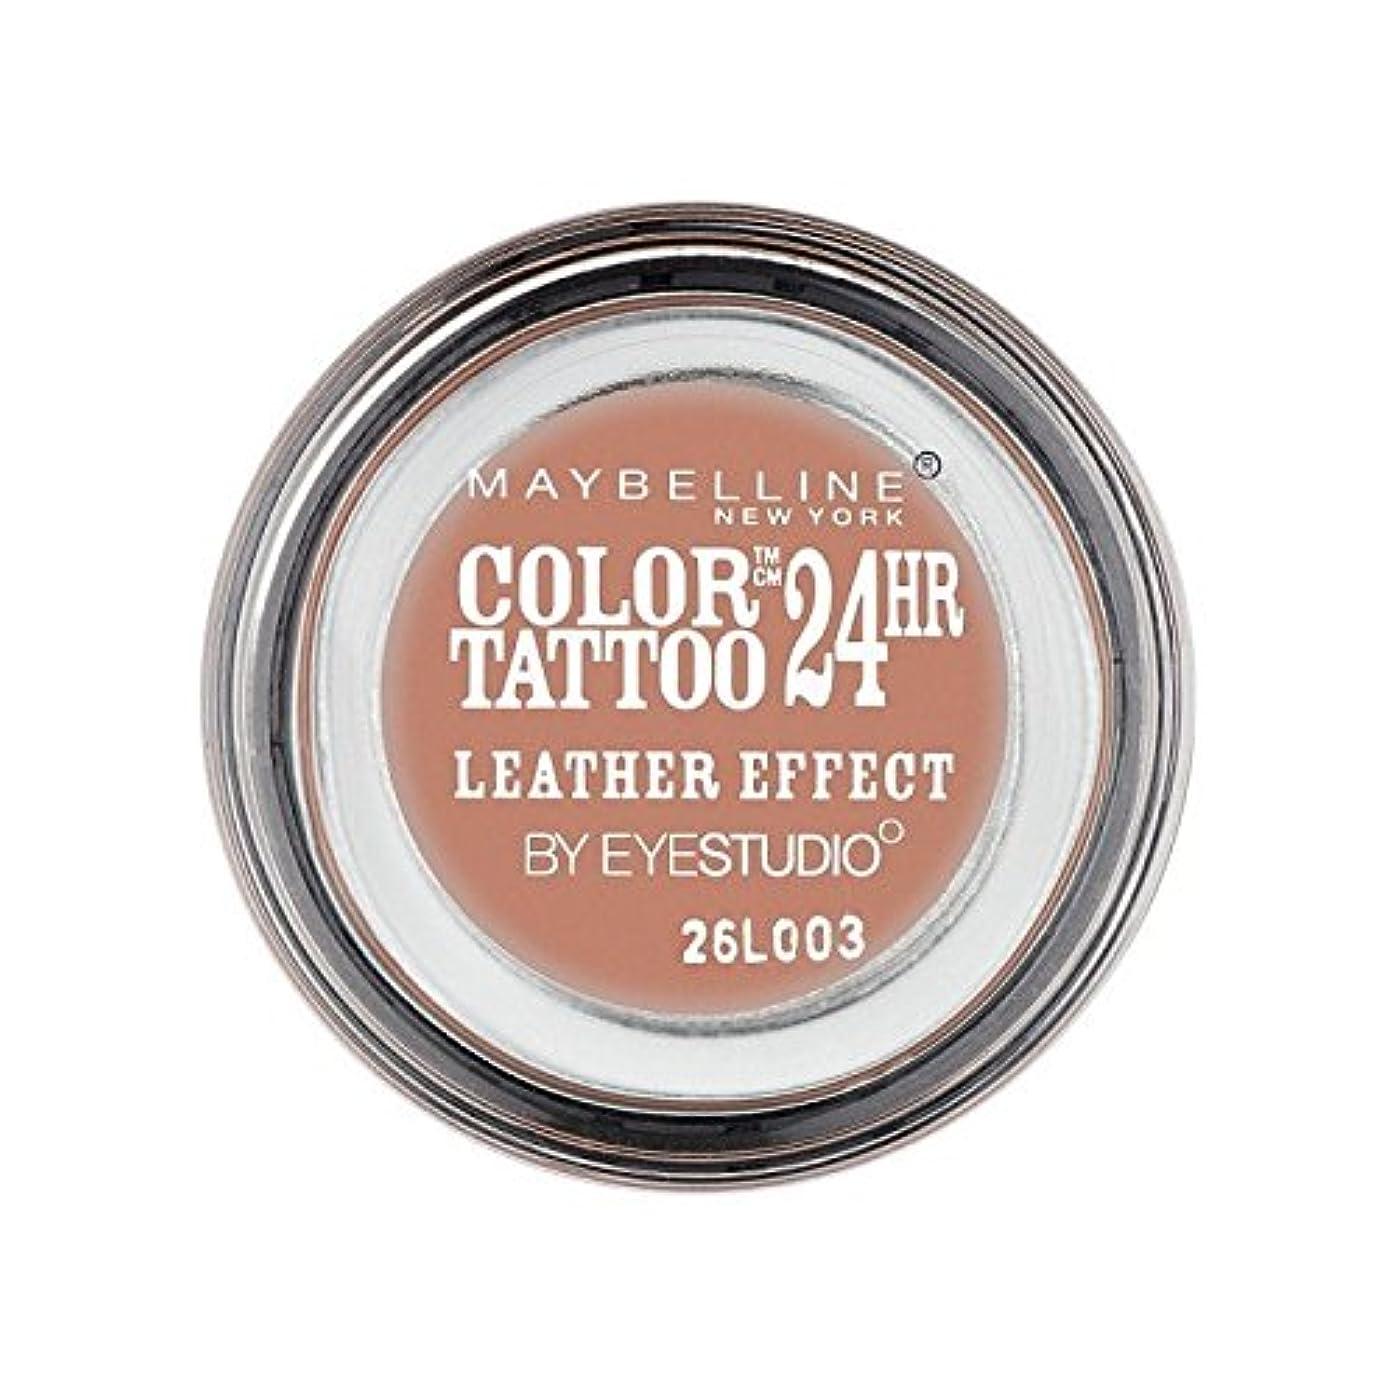 取り出すスイ洋服Maybelline Color Tattoo 24Hr Eyeshadow Leather Effect 98 (Pack of 6) - メイベリンカラータトゥー24時間アイシャドウレザー効果98 x6 [並行輸入品]